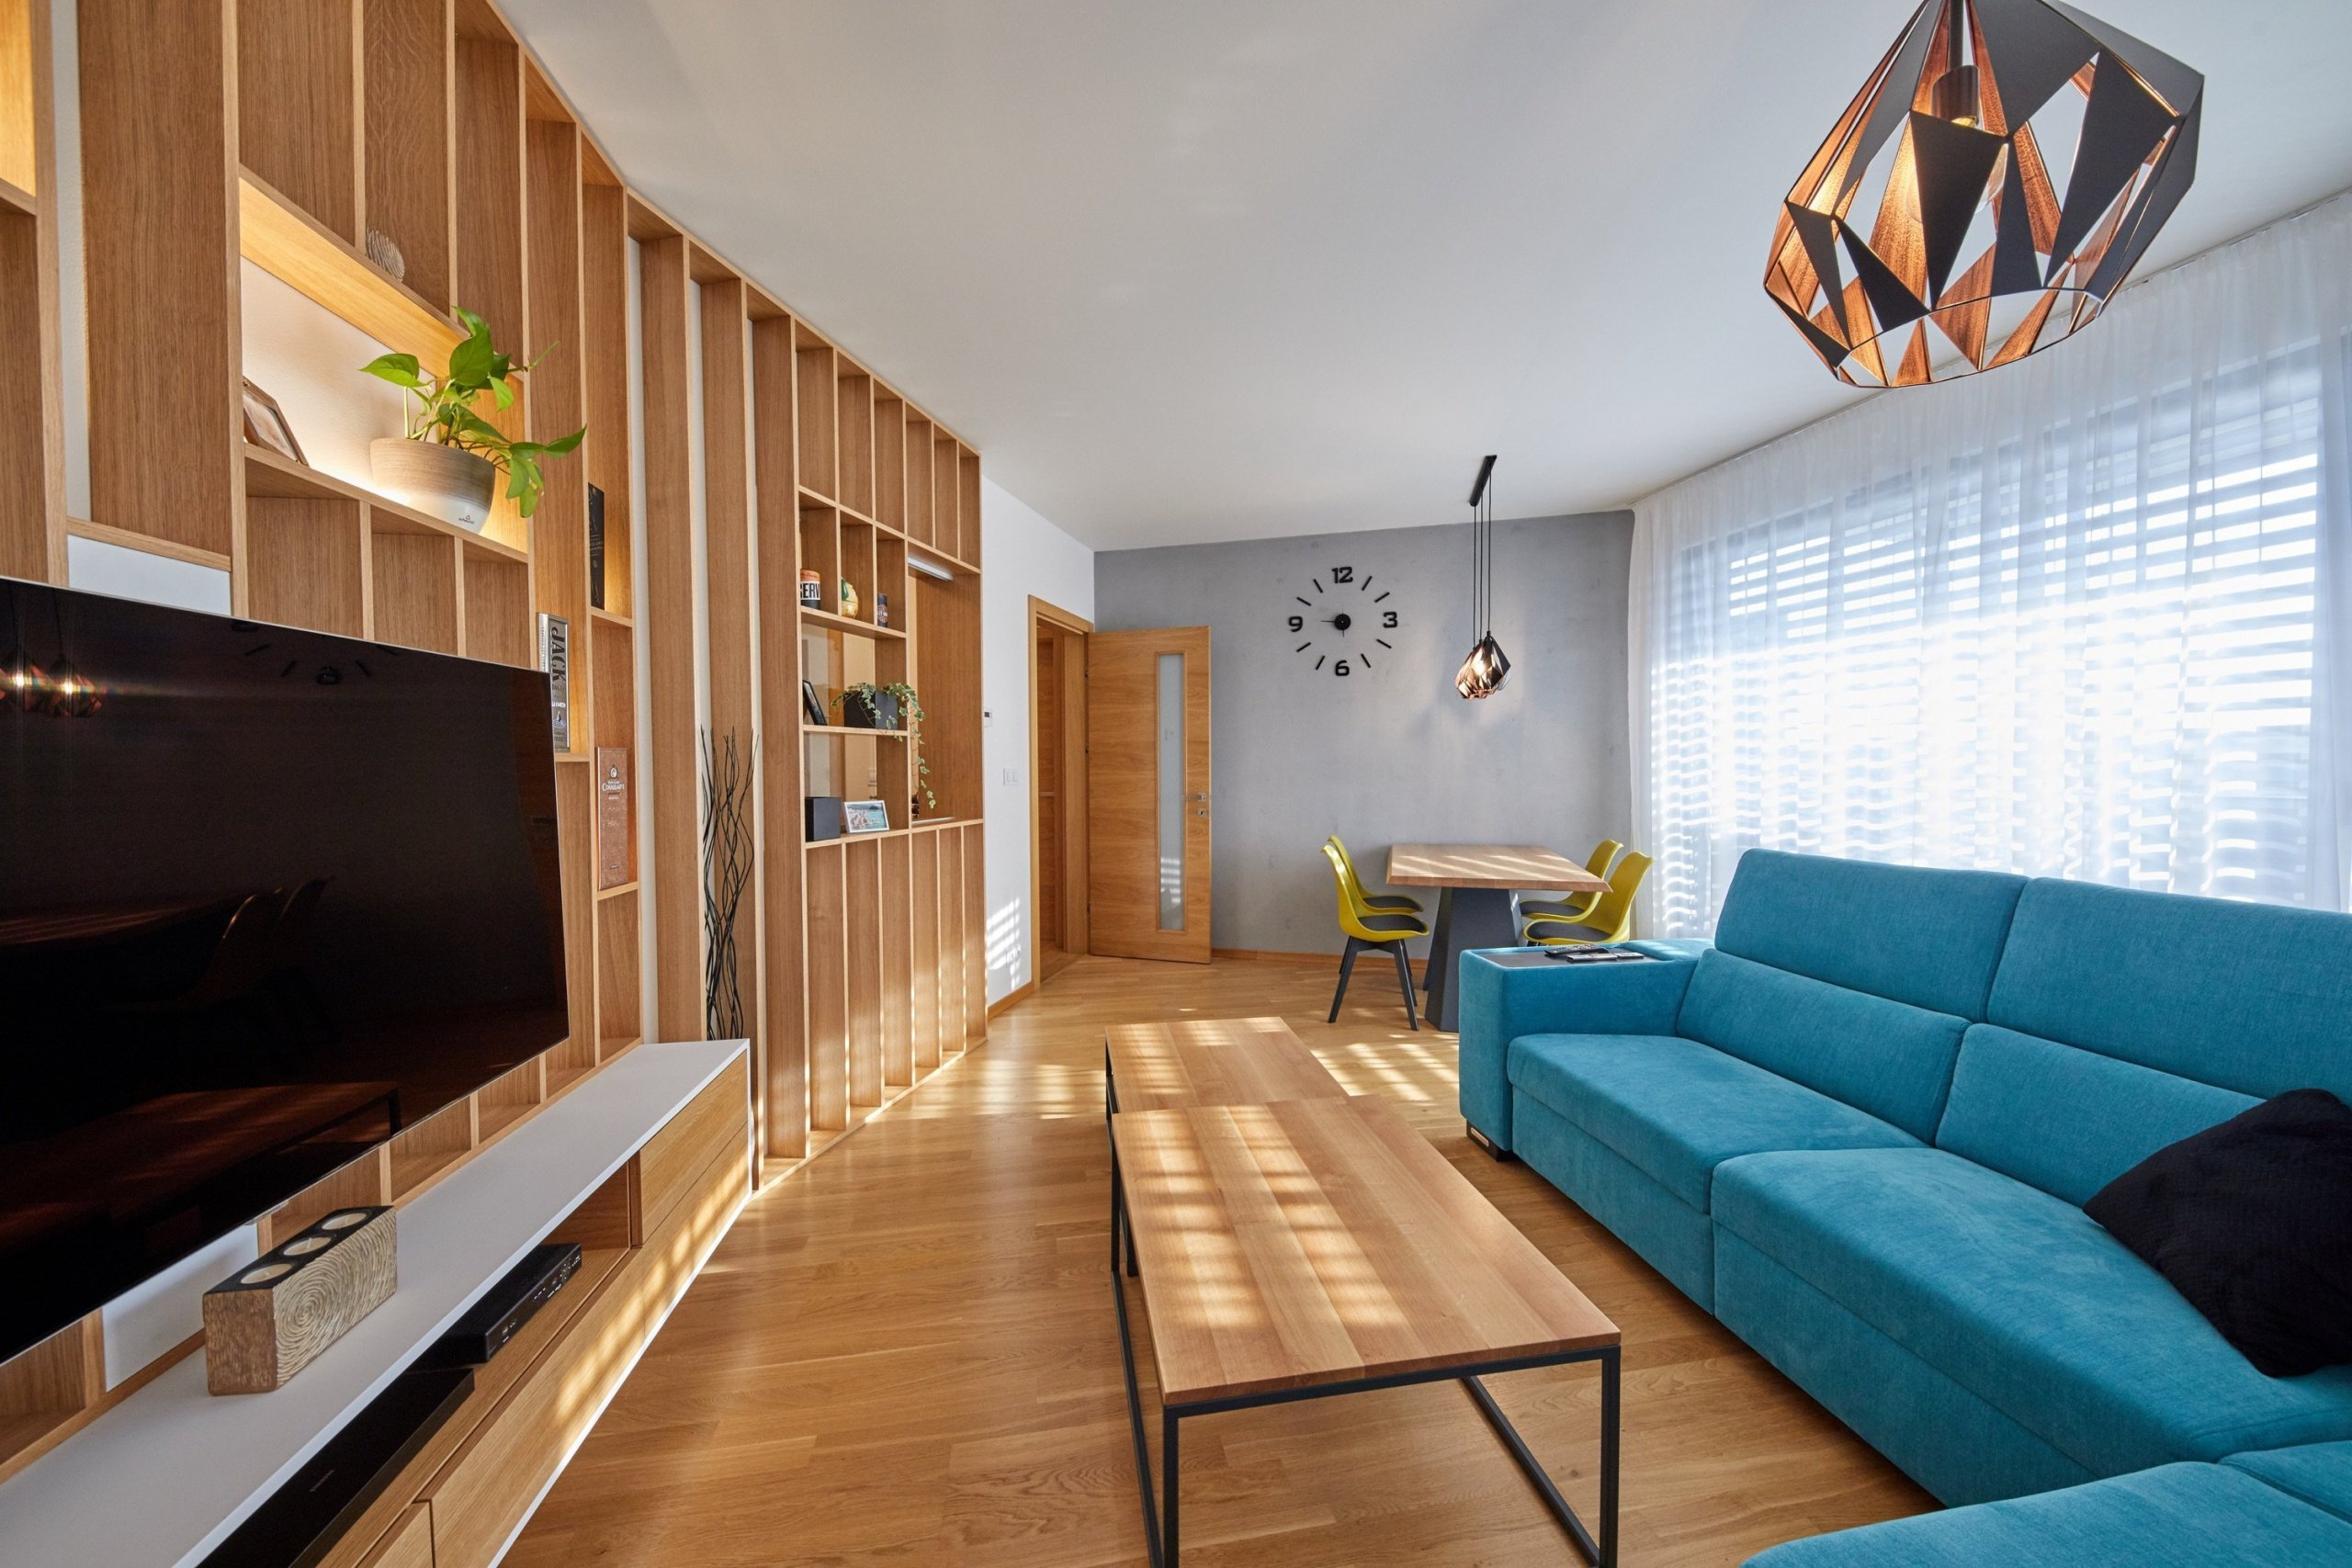 Ďalšia vydarená realizácia interiéru. Tentokrát sa jednalo o byt v Cubicon Gardens v Bratislave. :)  Výnimočné bolo hlavne vyriešenie prepojenia resp.…